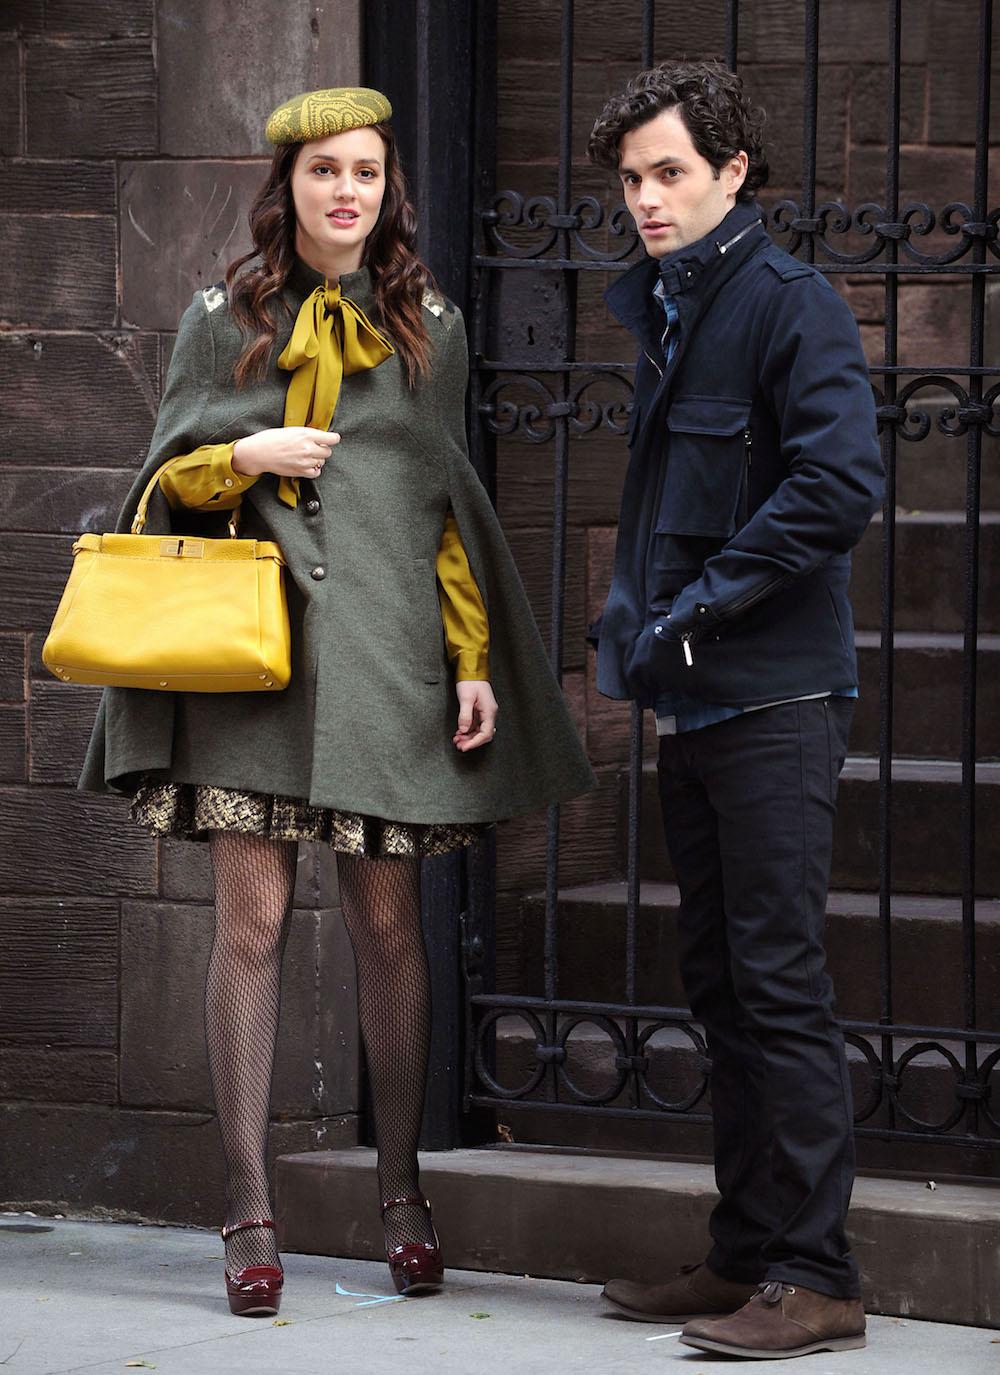 """Leighton Meester Sends Penn Badgley into Hysterics While Shooting """"Gossip Girl"""""""